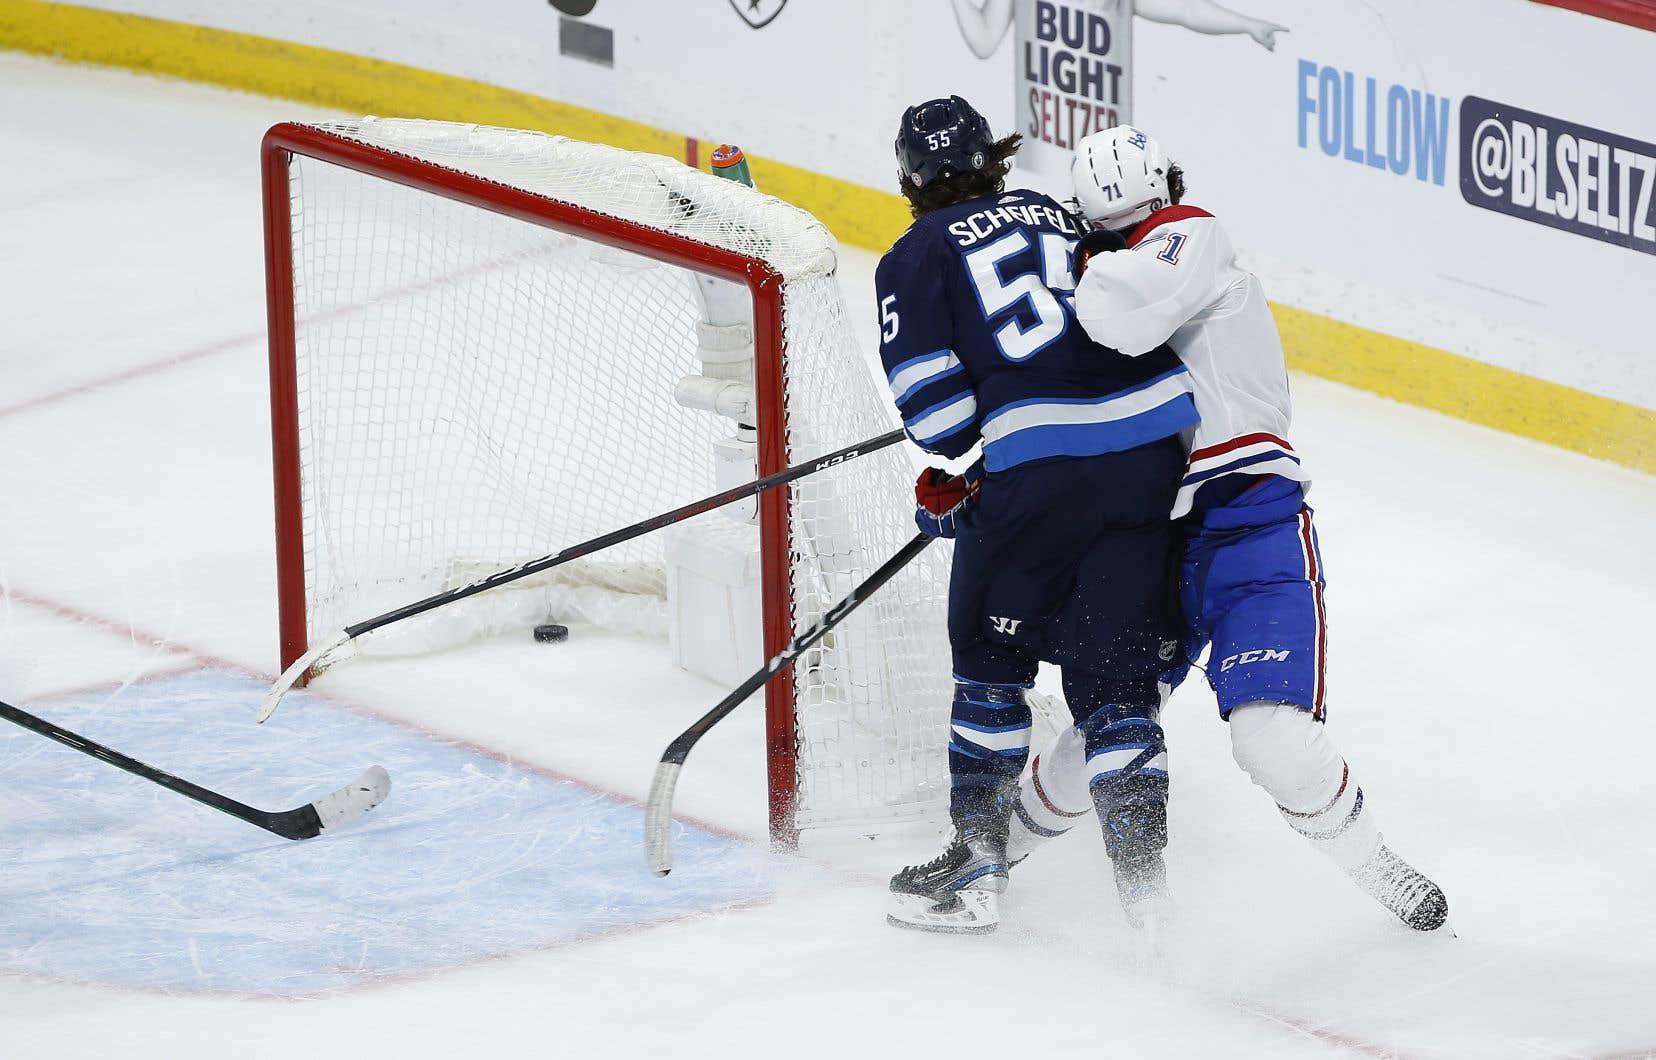 L'attaquant des Jets a été suspendu par le Département de la sécurité des joueurs de la LNH pour quatre matchs pour son geste.